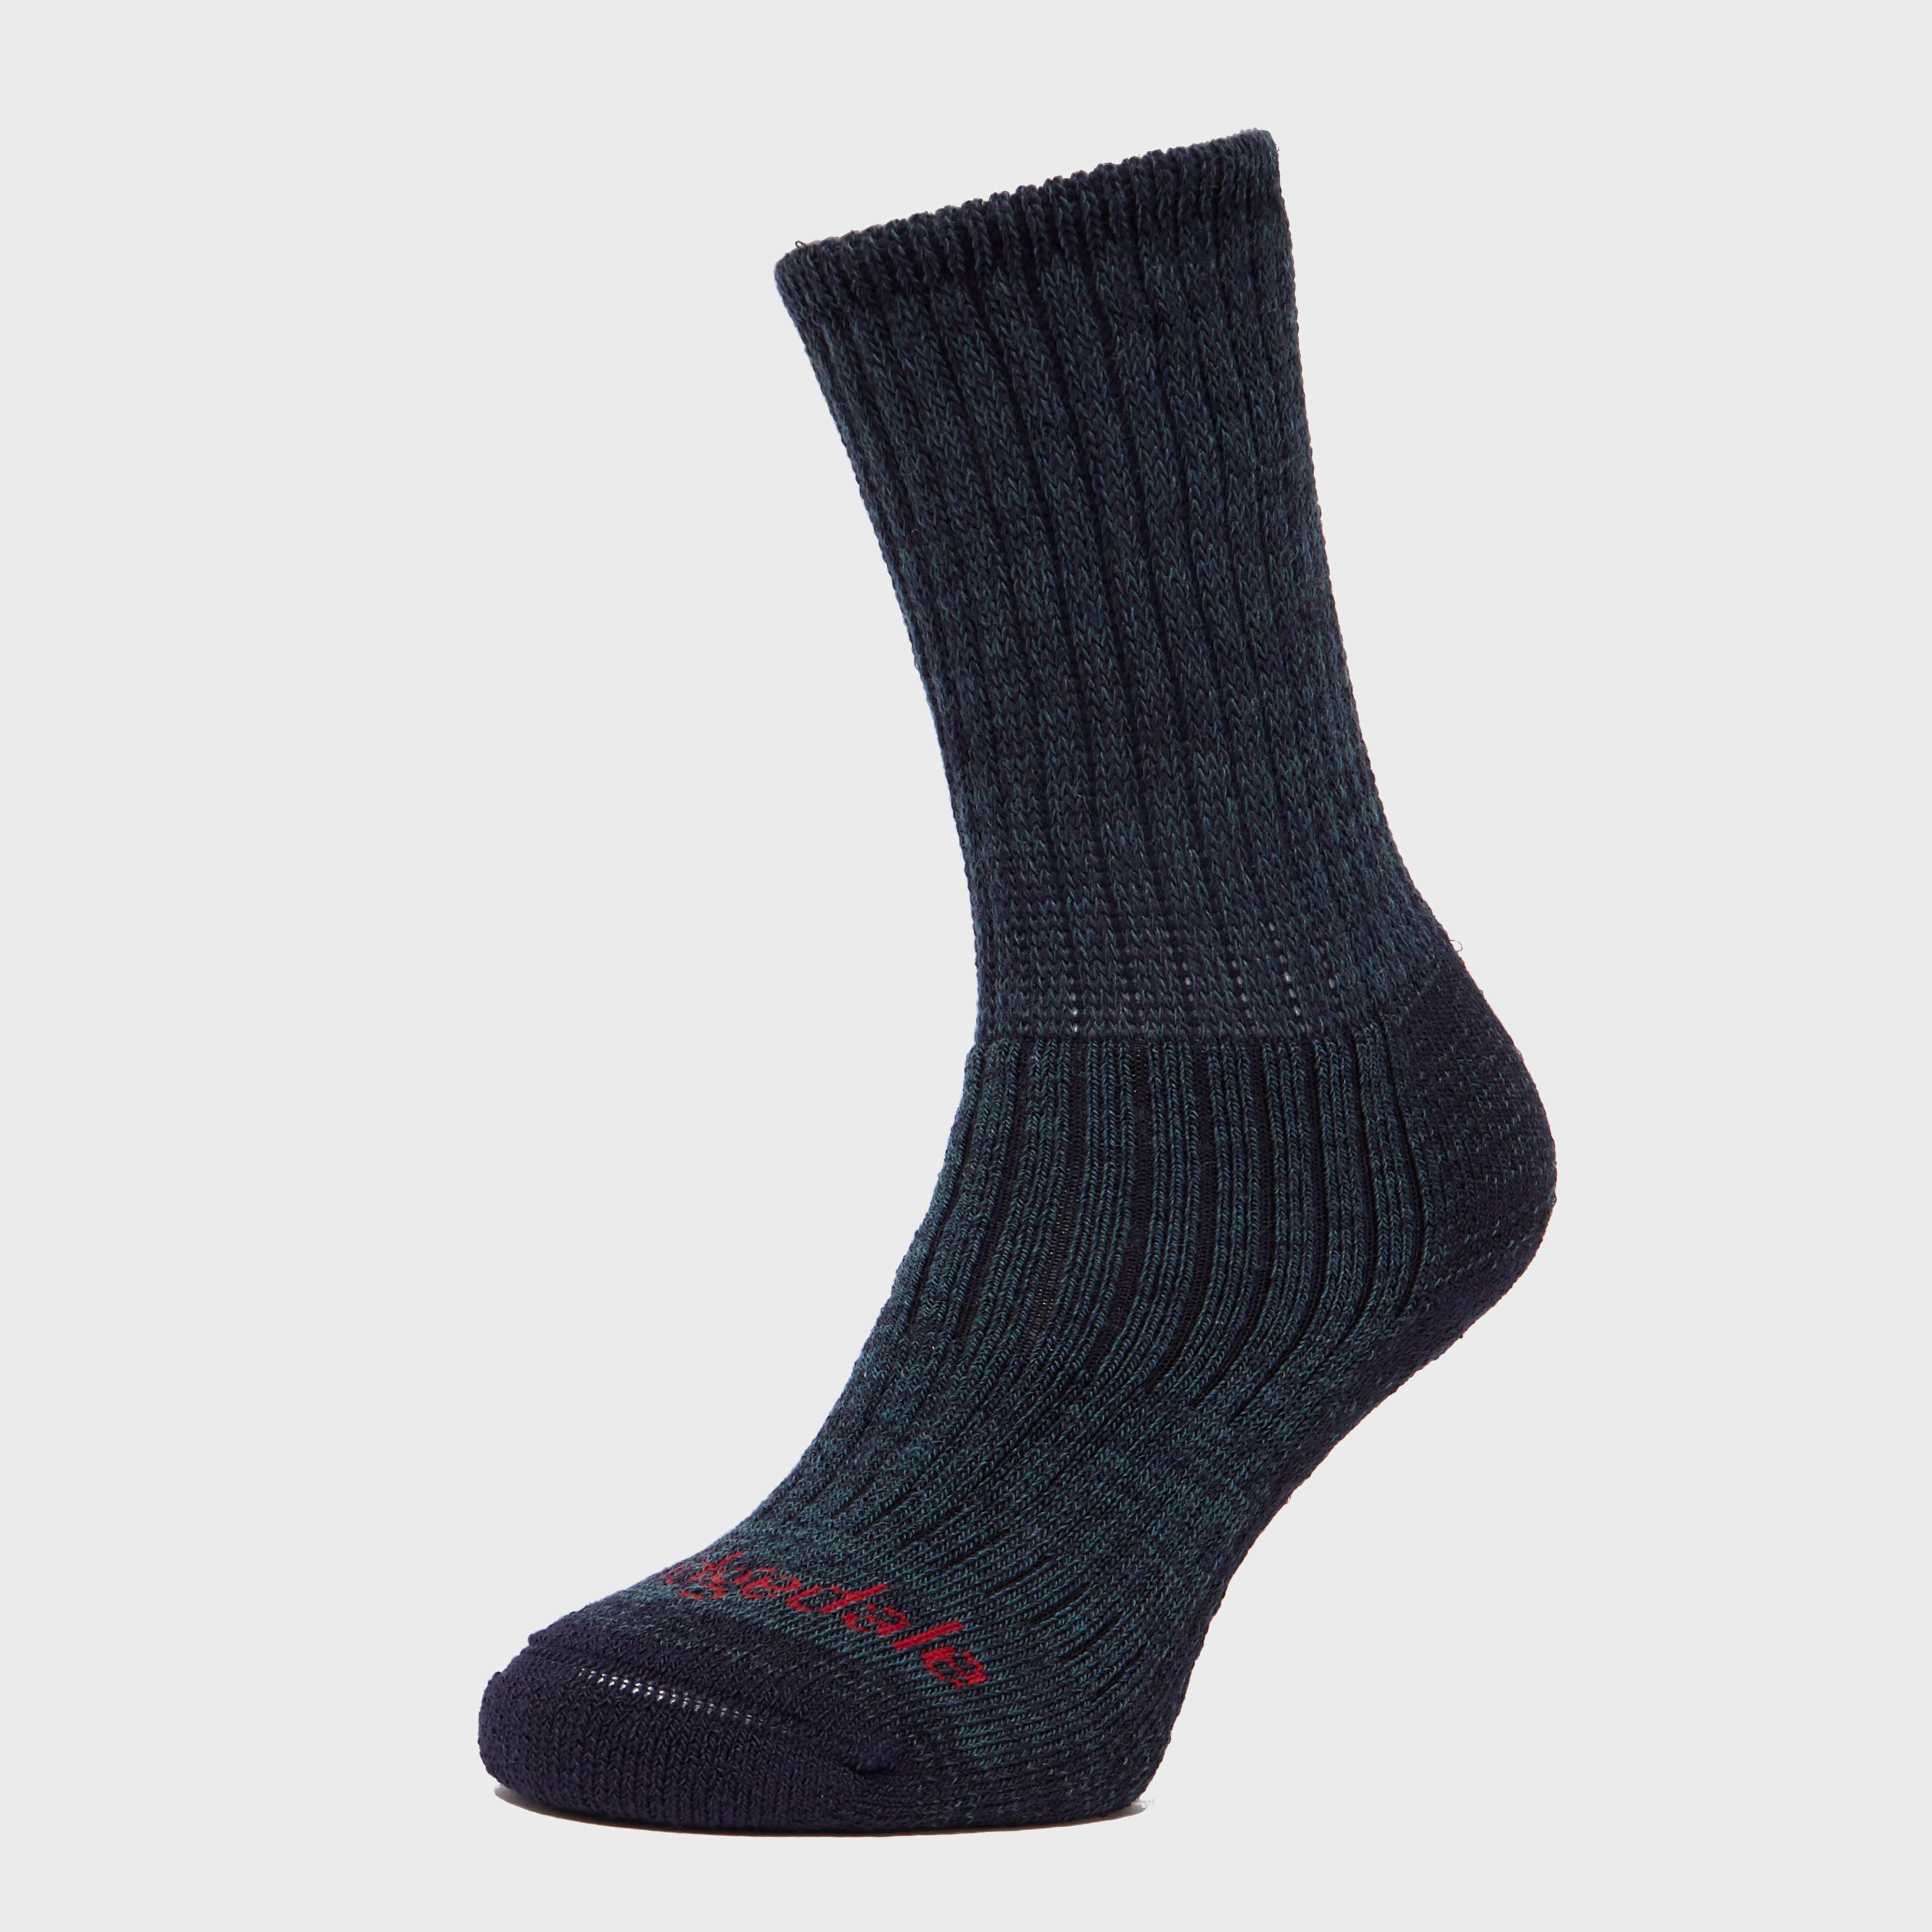 BRIDGEDALE Men's Comfort Trekker Socks